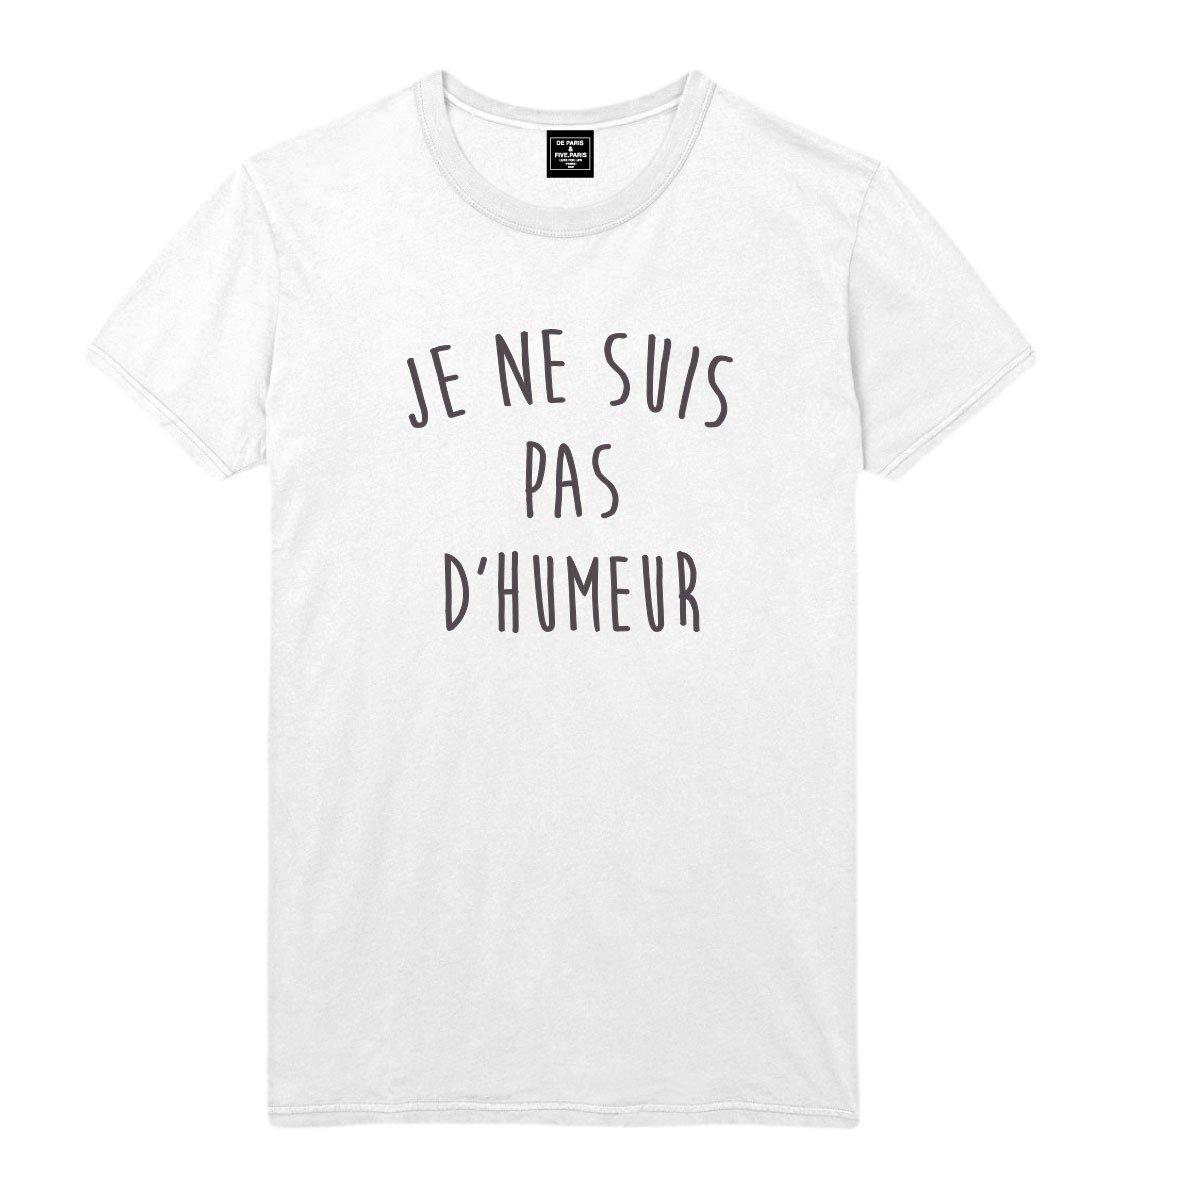 PAS NE T shirt SUIS JE SUIS T Homme shirt Homme NE PAS D'HUMEUR JE D'HUMEUR RjLA54